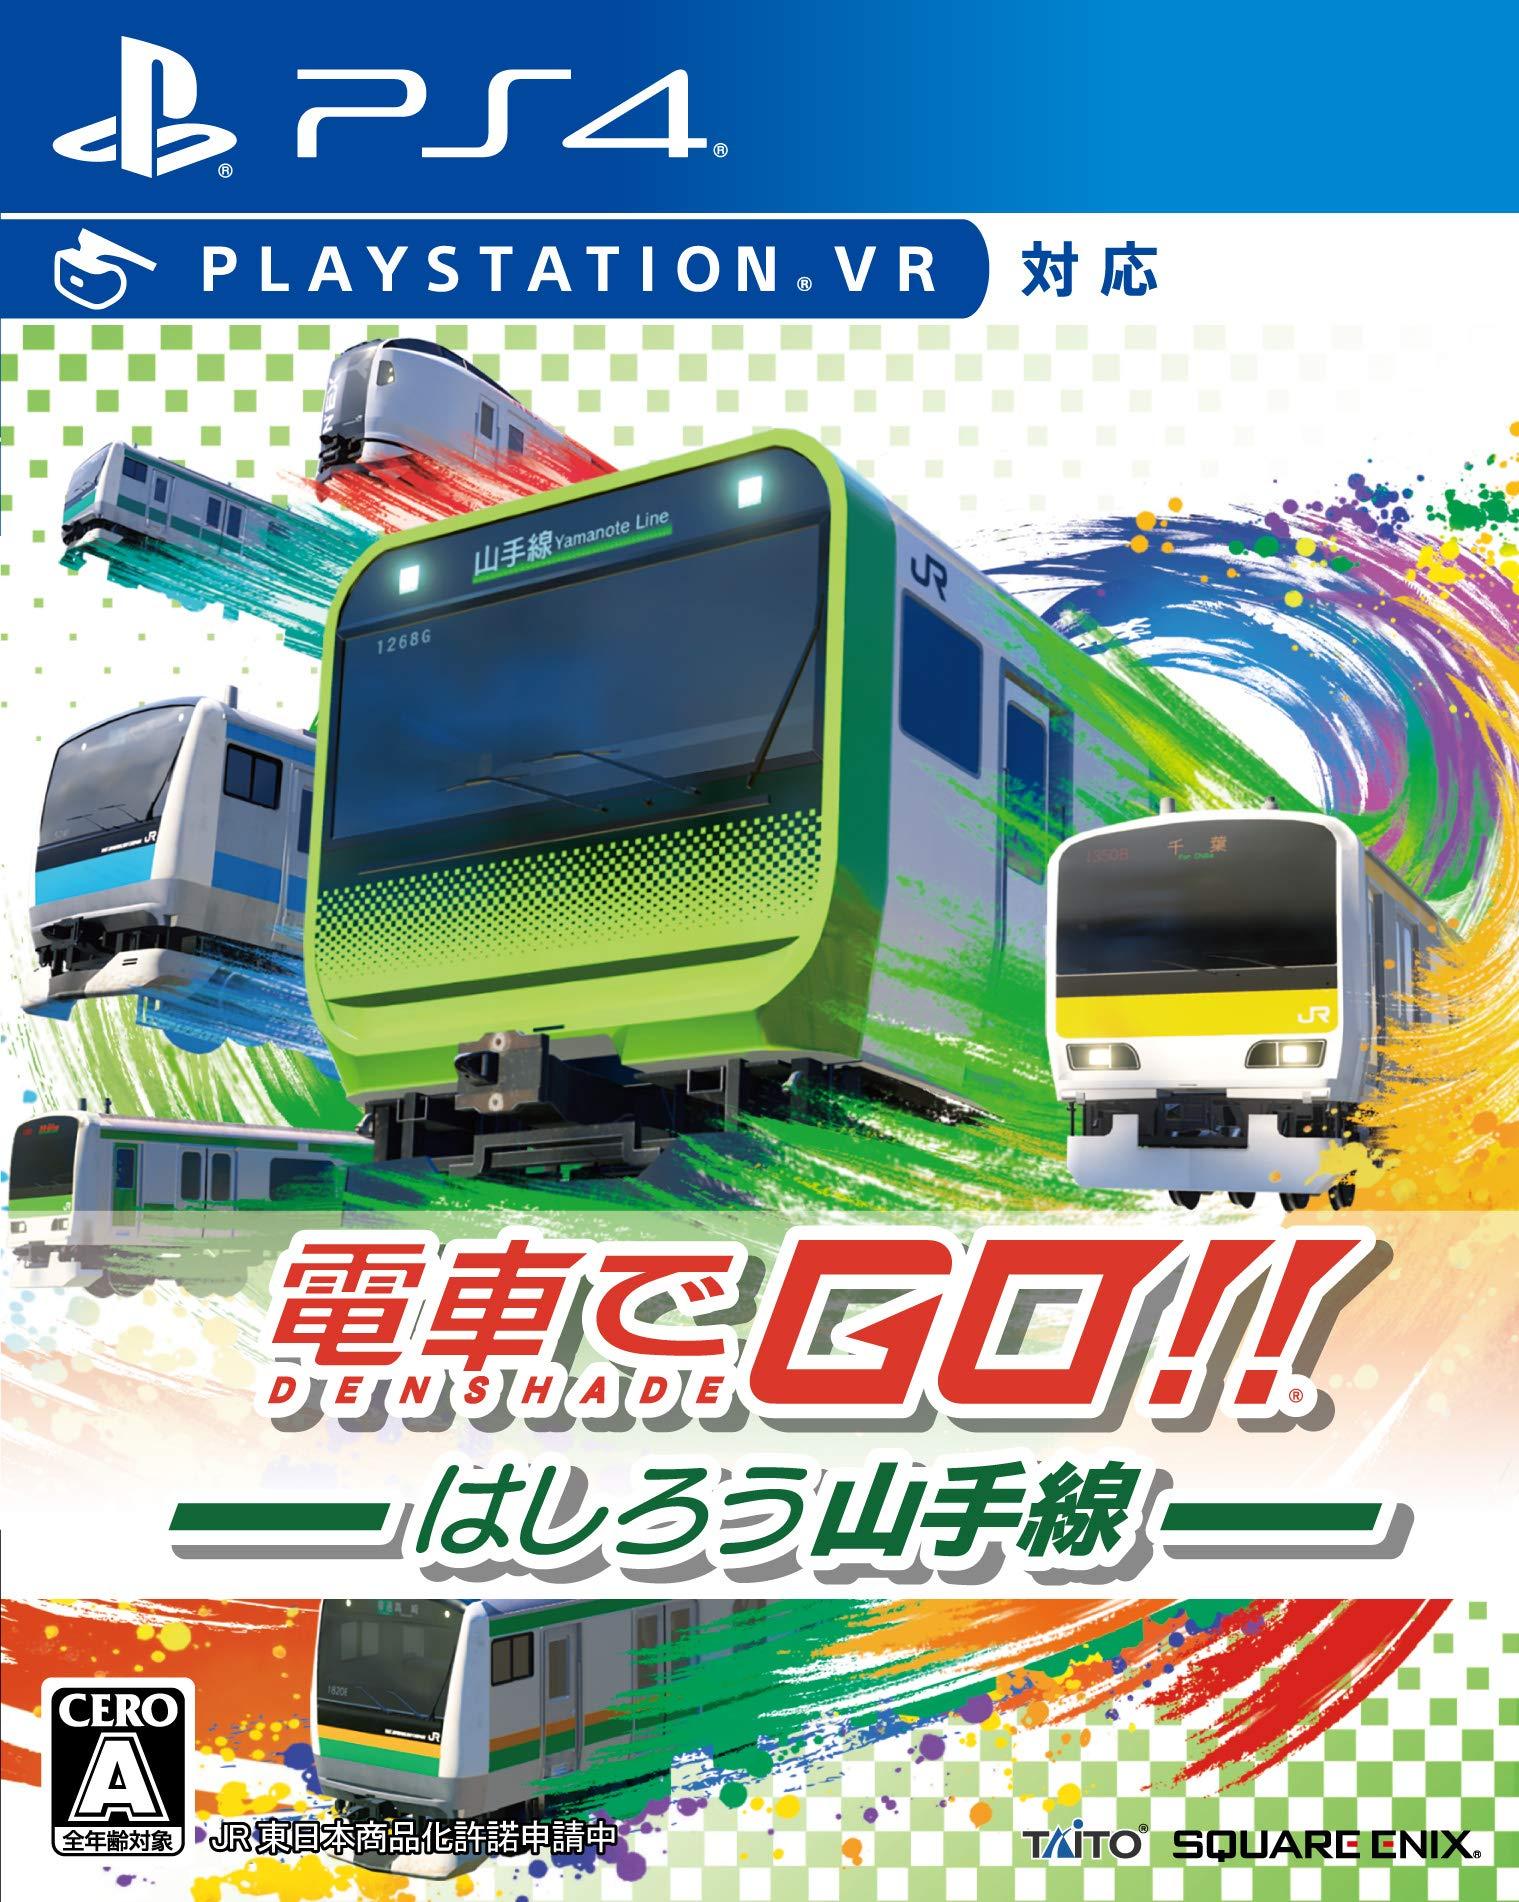 『電車でGO!! はしろう山手線』がPS4・Switchで登場!PS4版は【12月3日発売!】割引情報